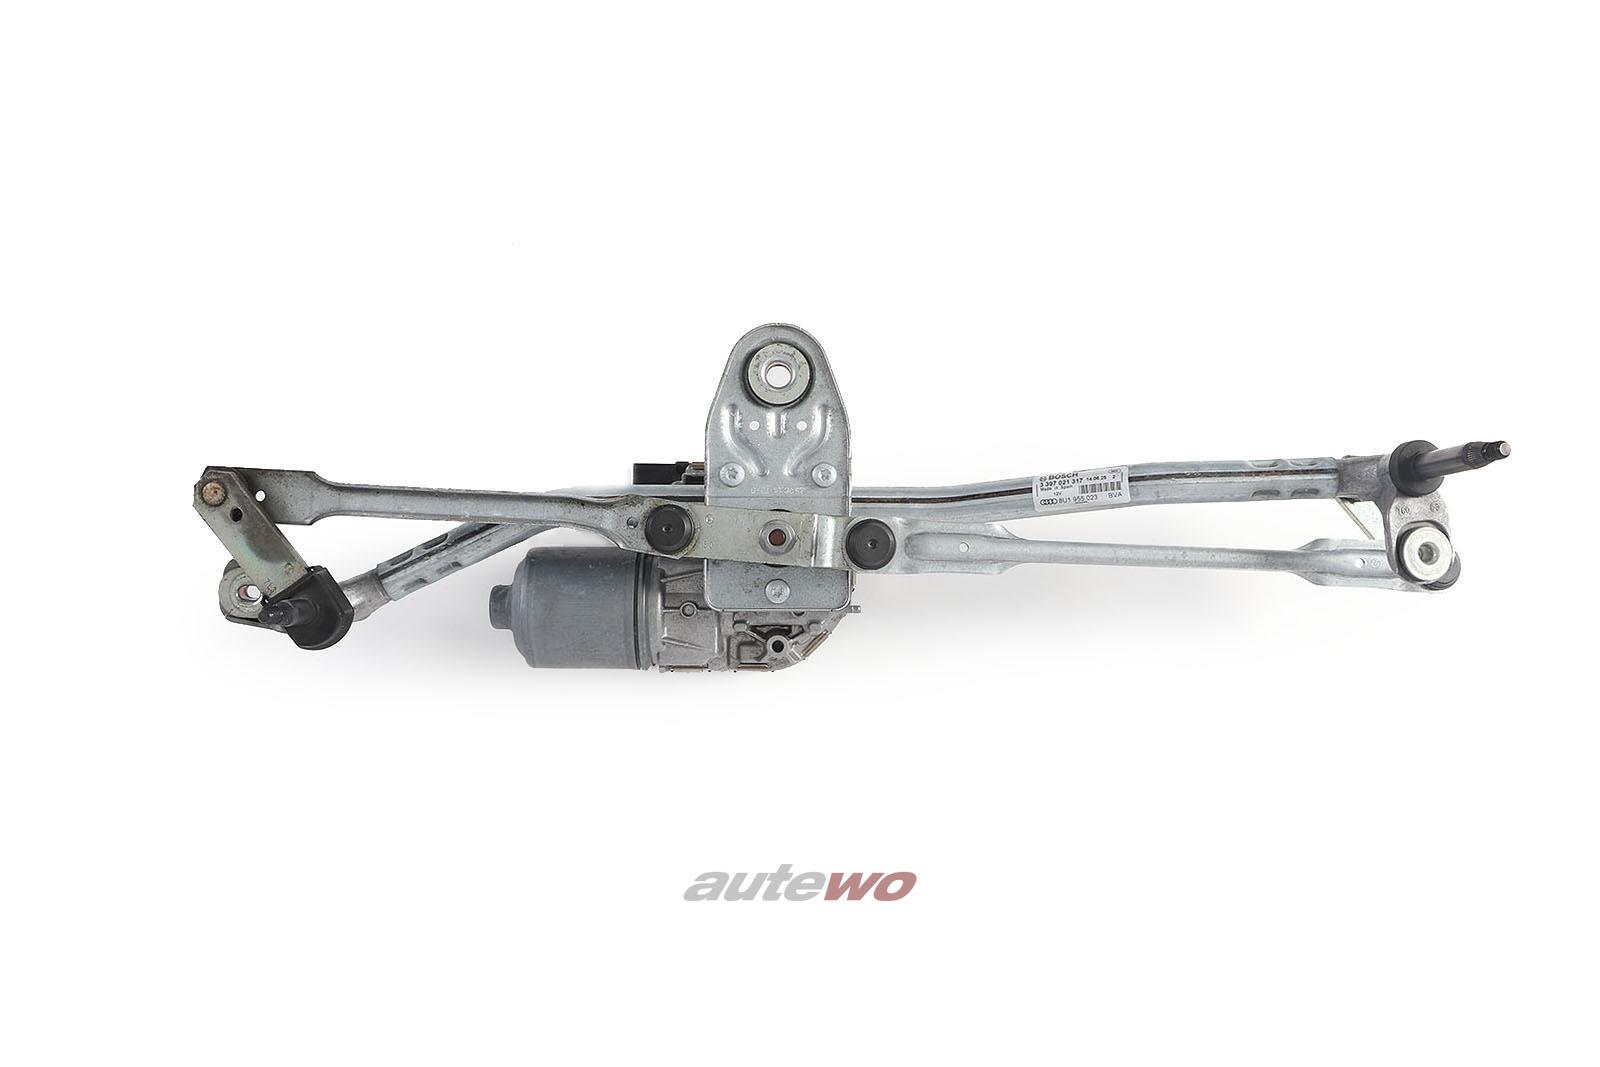 8U1955023 Audi Q3/RSQ3 8U Scheibenwischeraufnahme mit Wischermotor